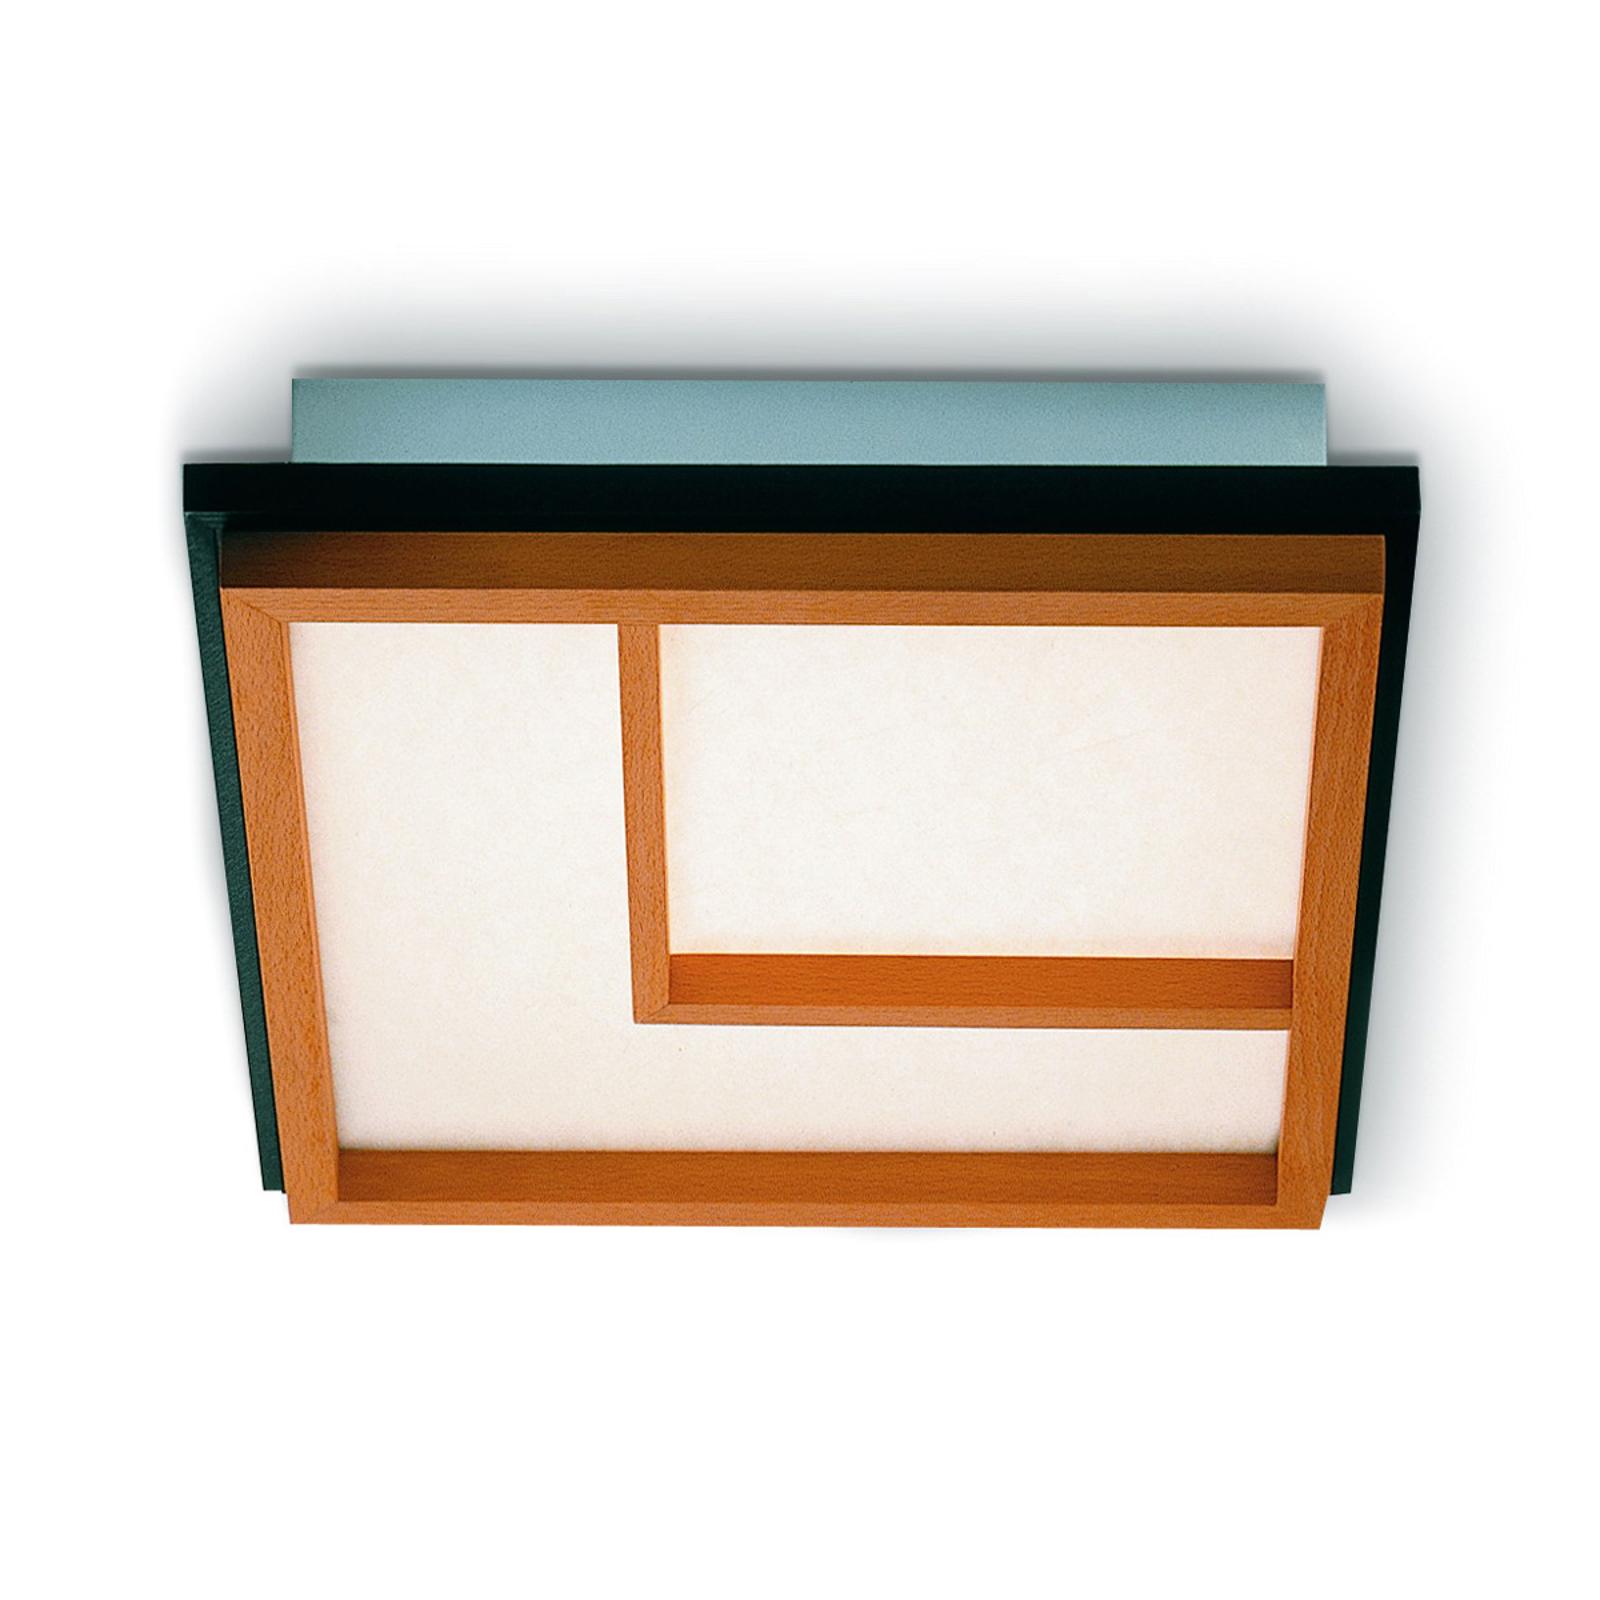 KIOTO 2 - lampa sufitowa LED z drewna bukowego